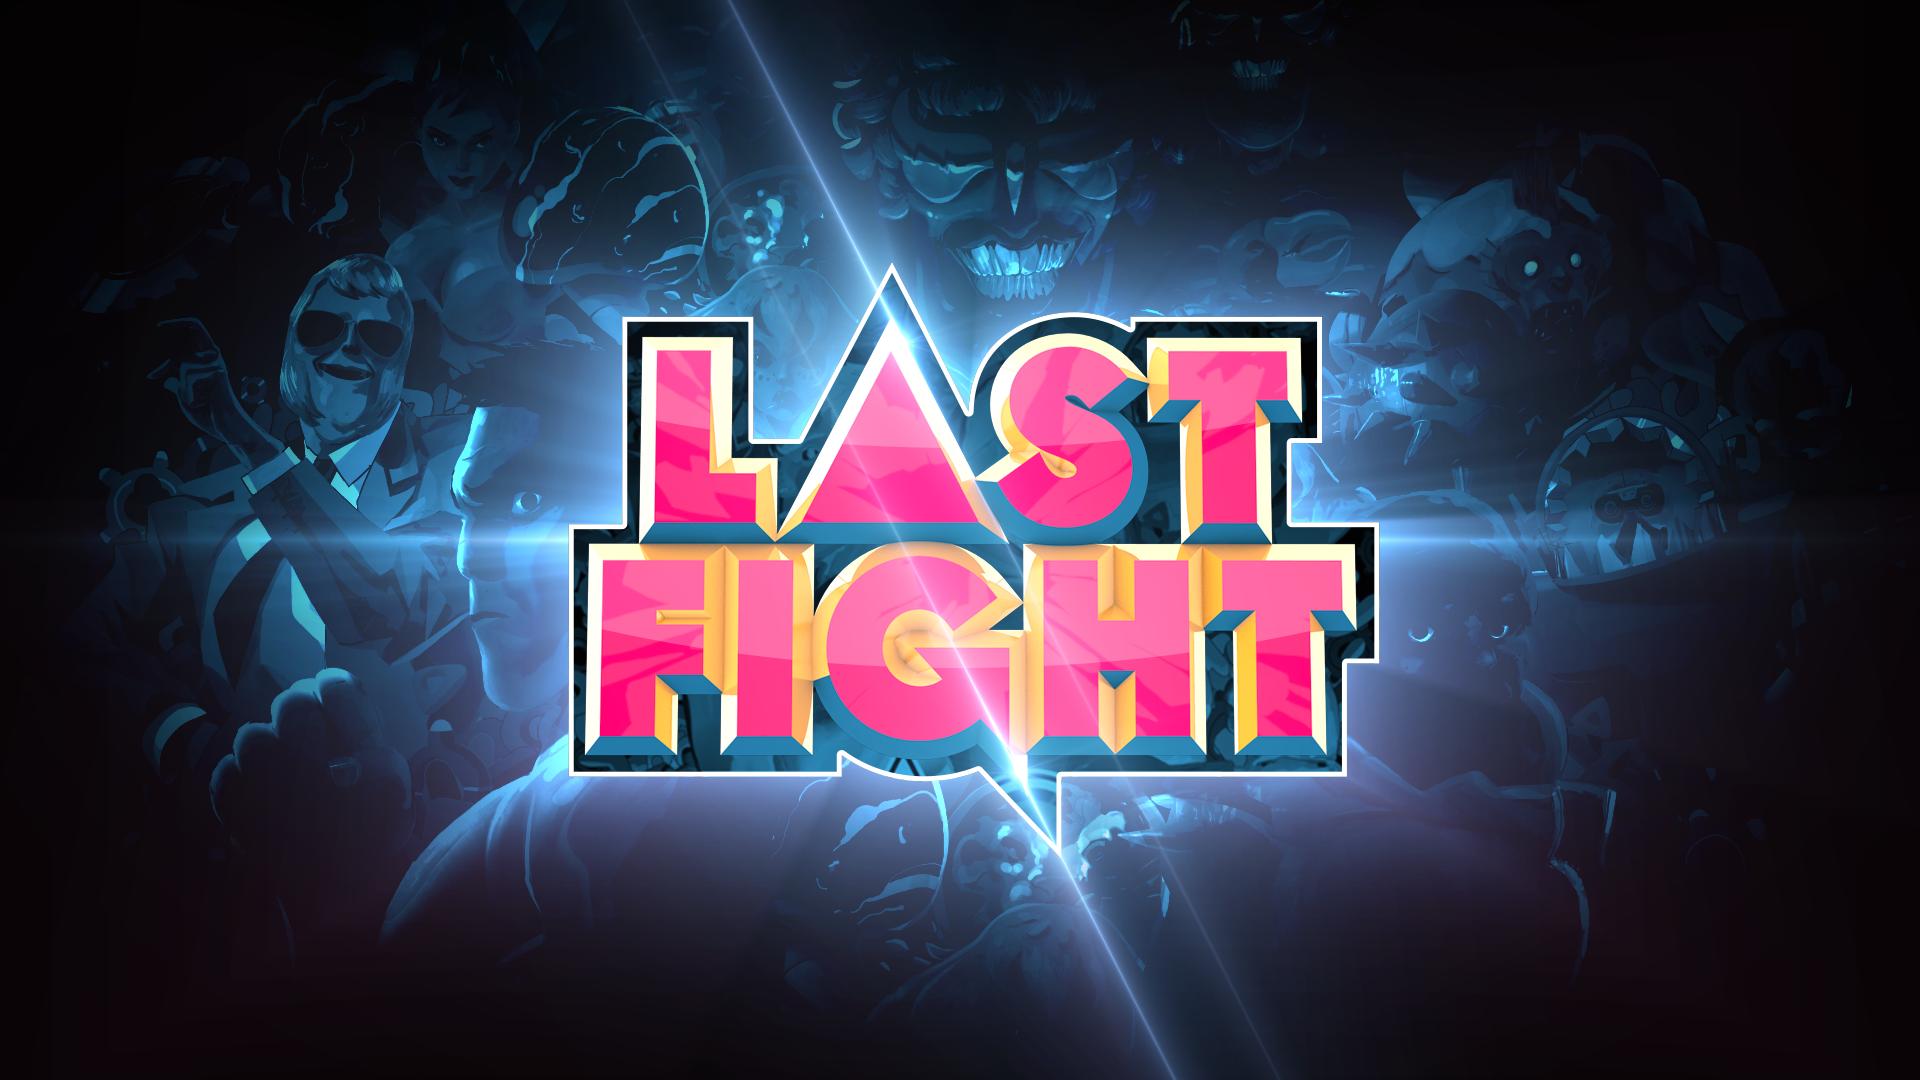 LASTFIGHT-poster_packshot.png